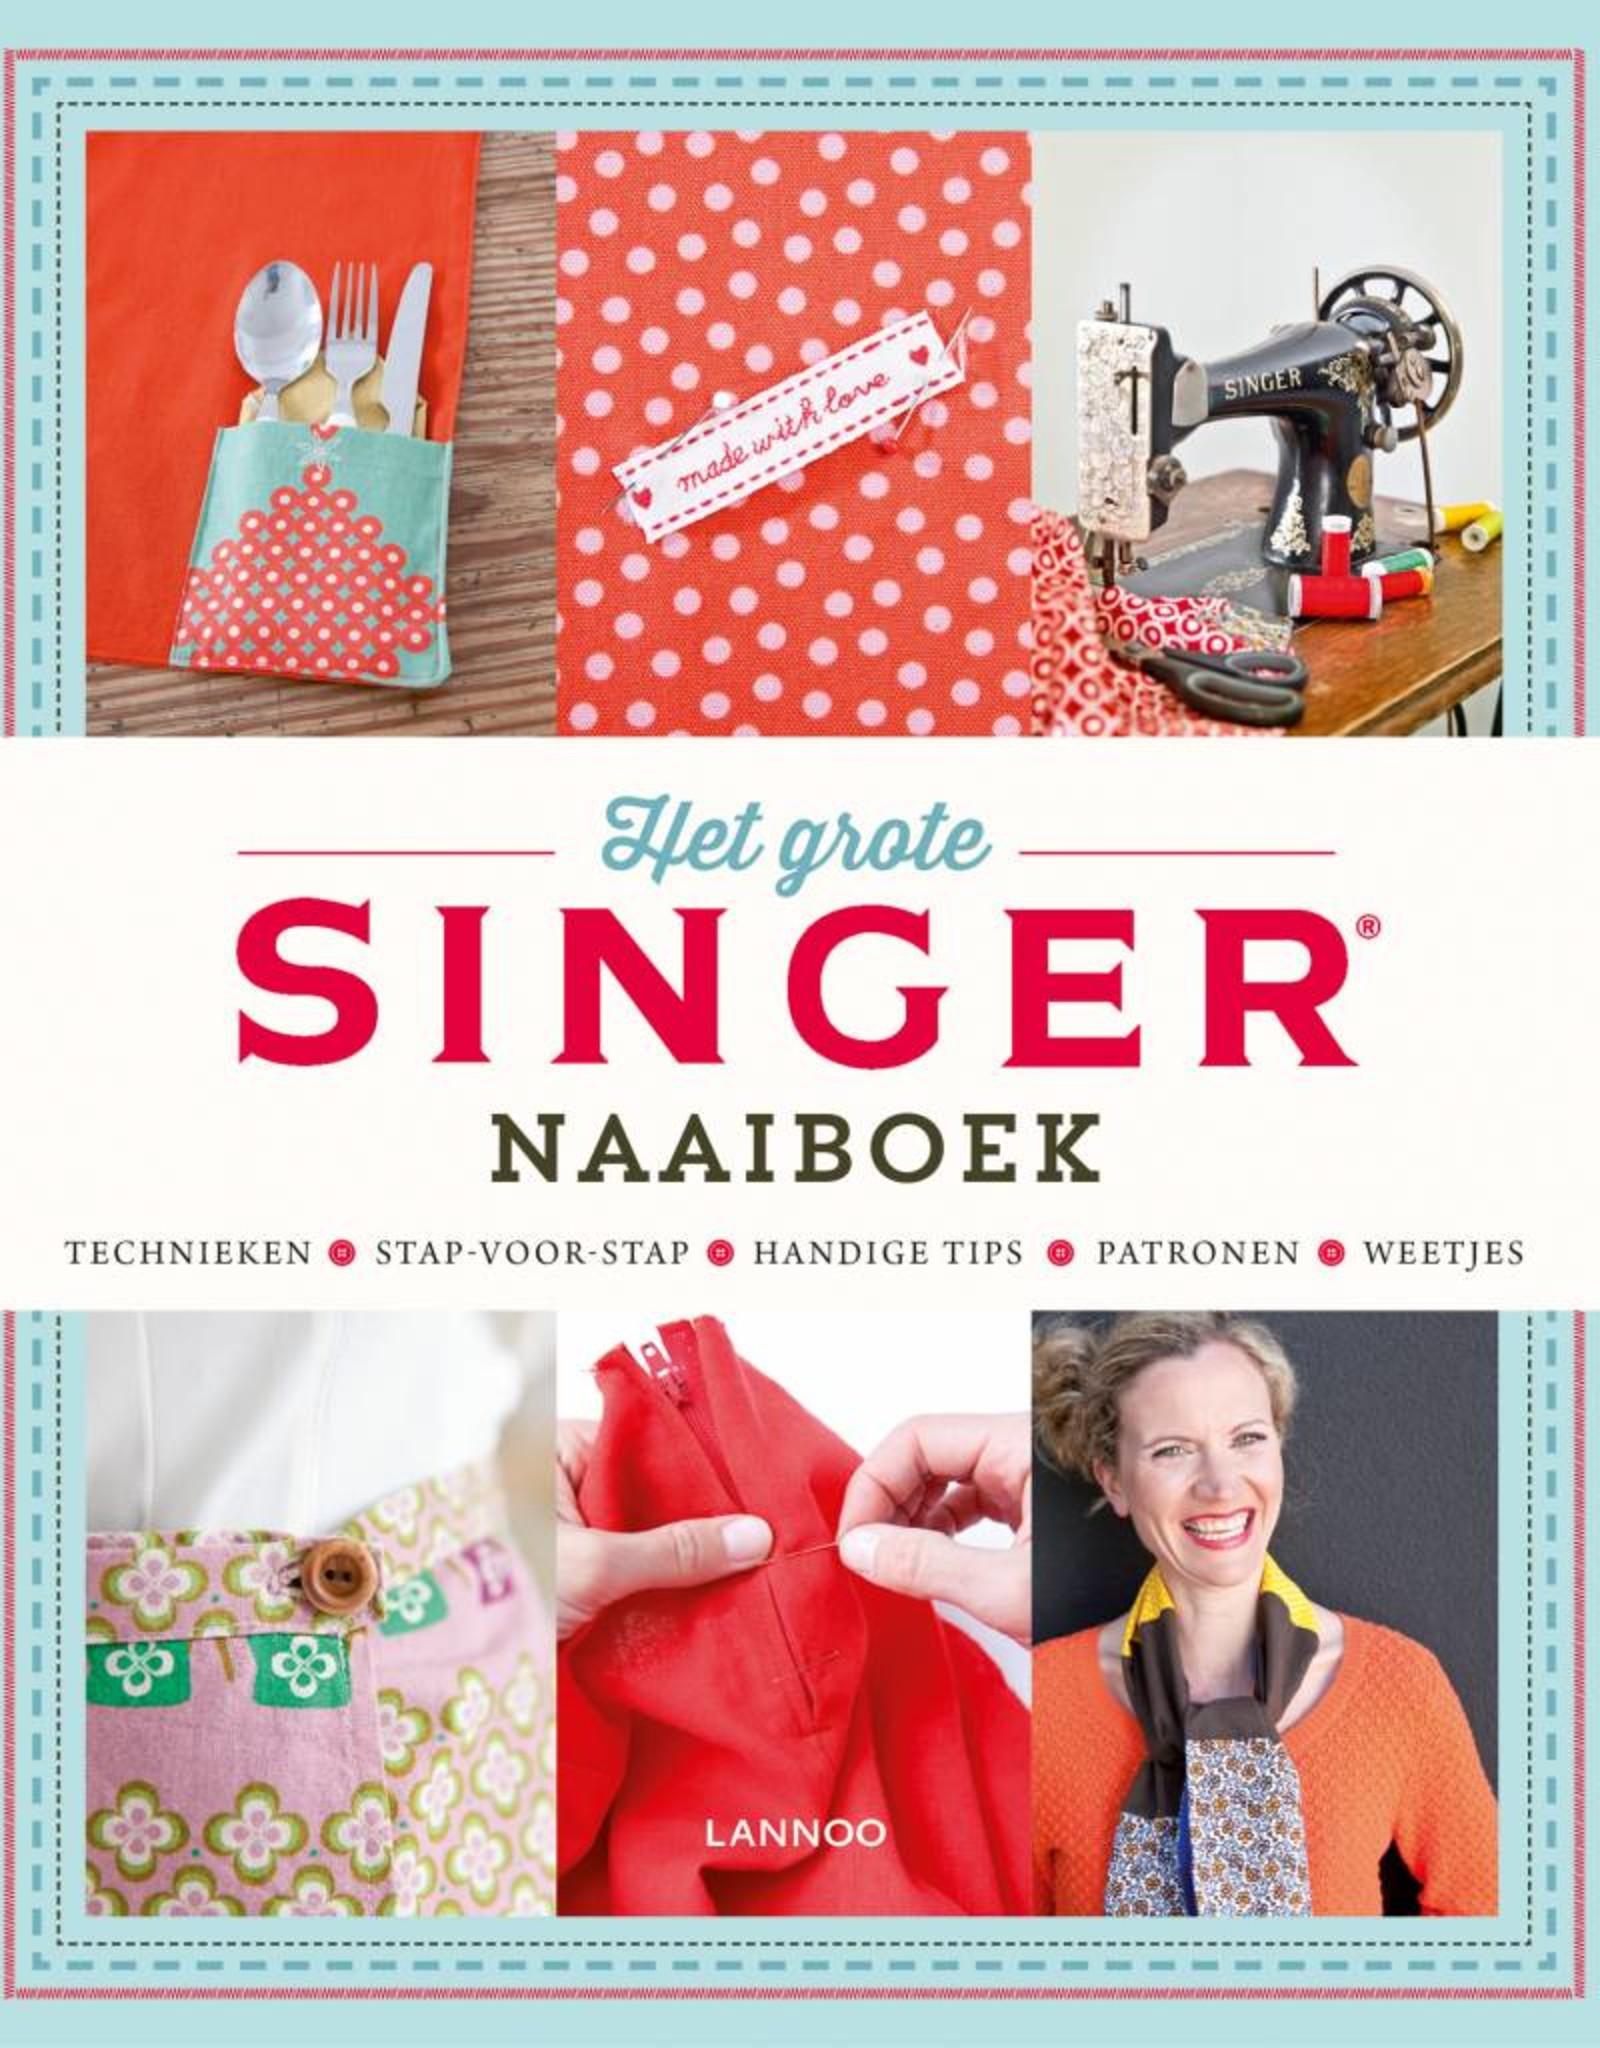 Naaiboek Het grote Singer naaiboek